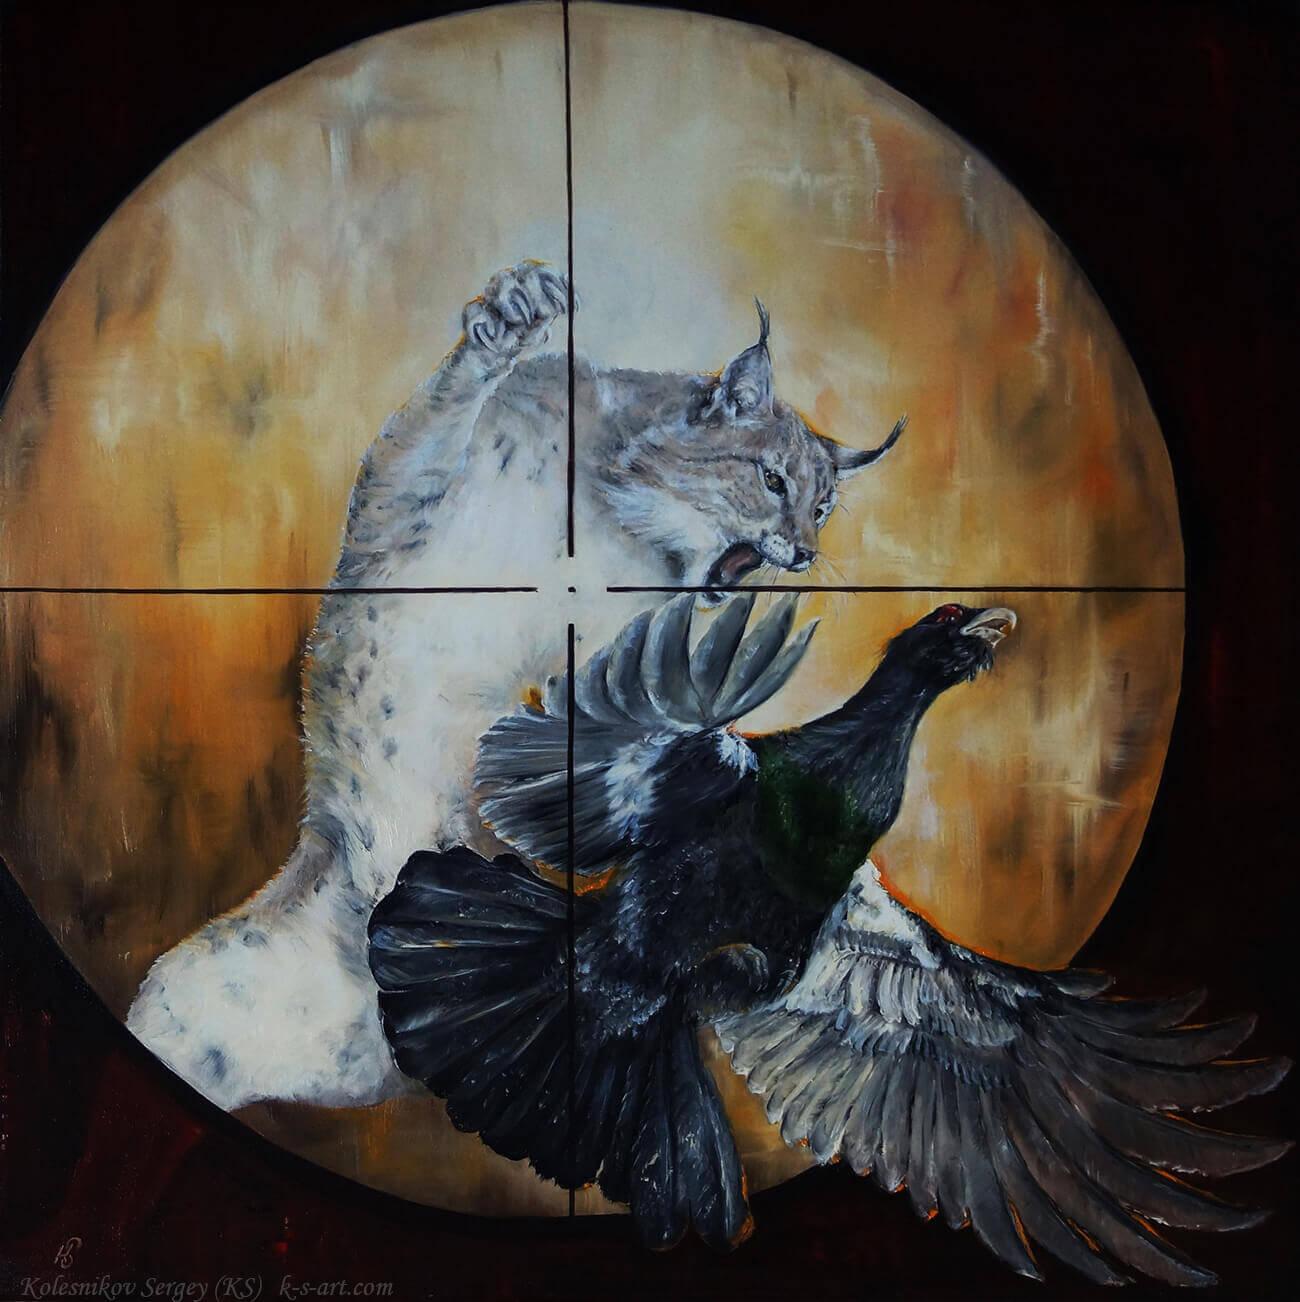 Из серии - Охота (рысь) - картина, автор Сергей Колесников (KS), холст (лён, мелкое зерно), масло, 75x75 см, 2016 год. Живопись, авторский стиль - интегральный реализм.